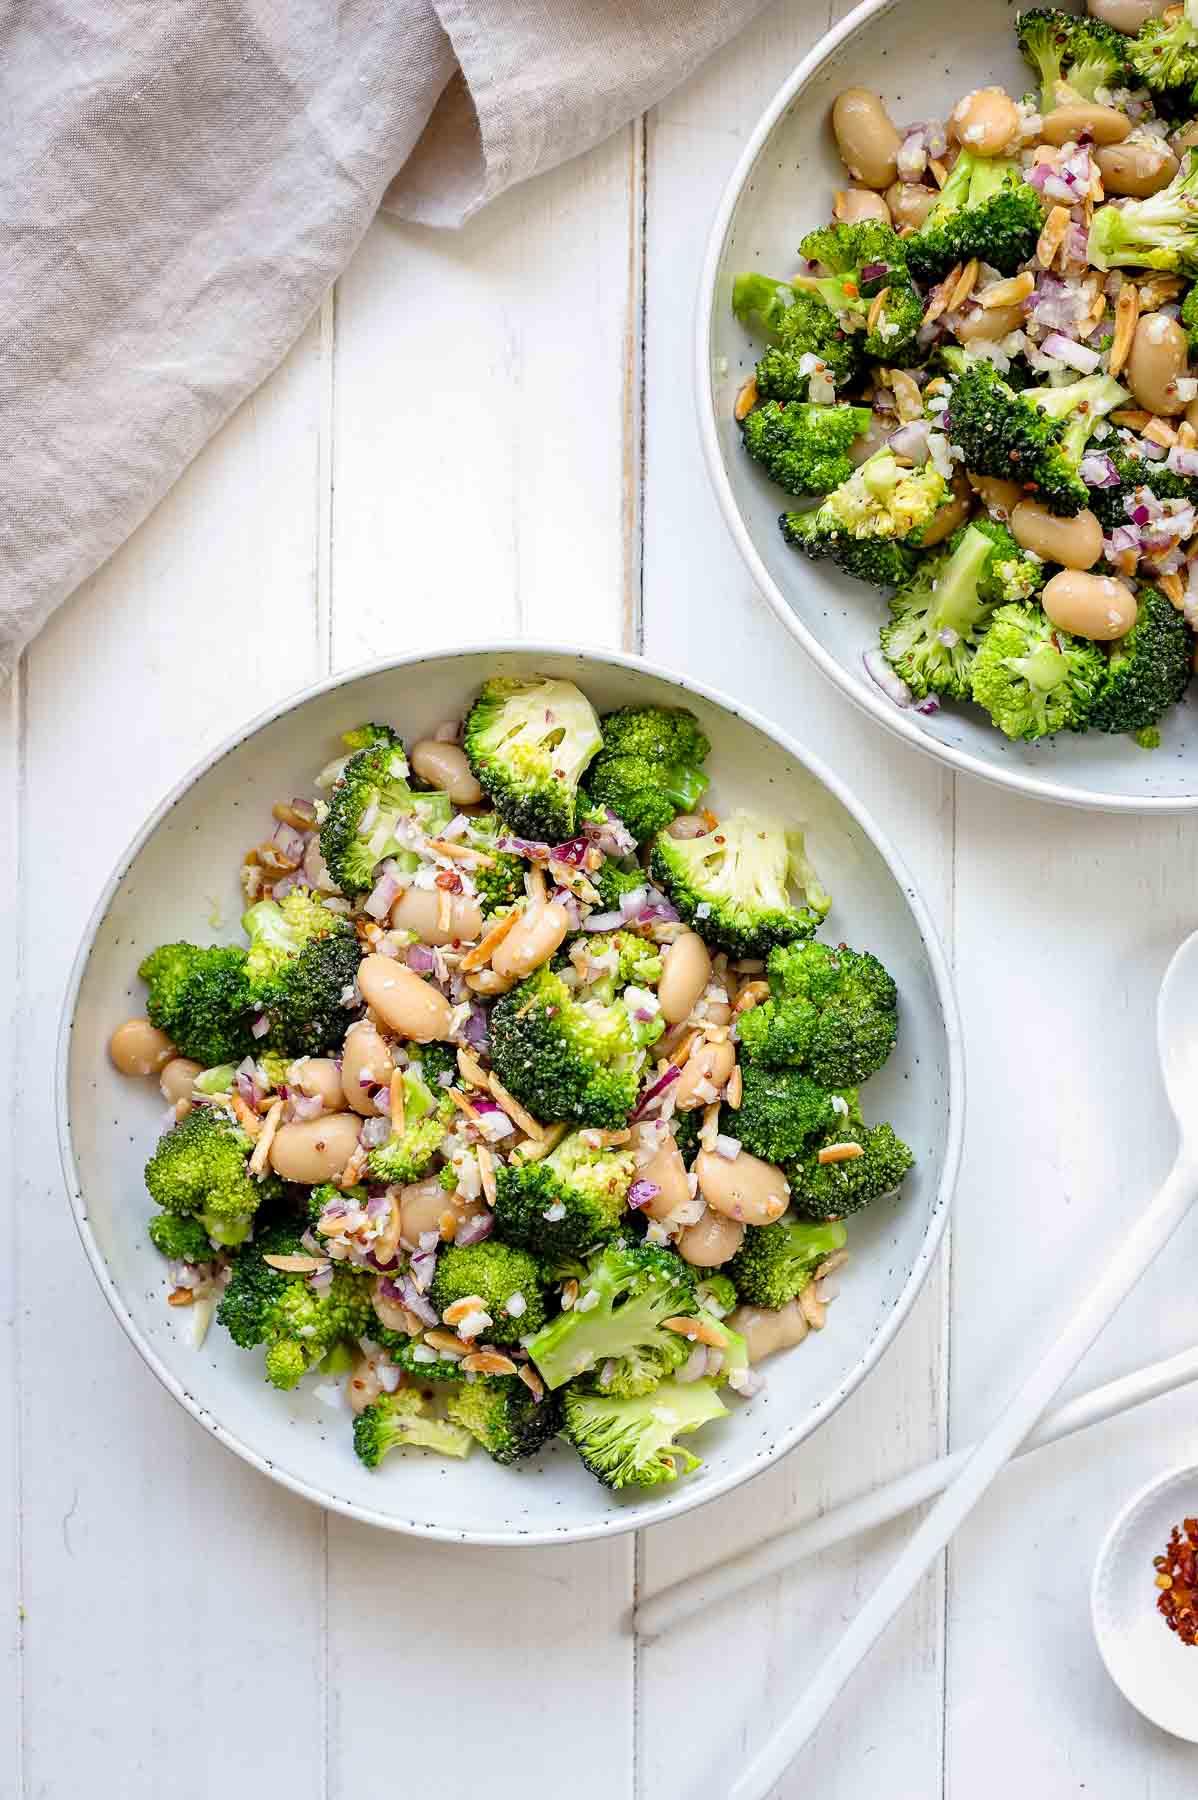 Super einfacher Brokkoli Salat Rezept mit Parmesan, Mandeln und Butterbohnen